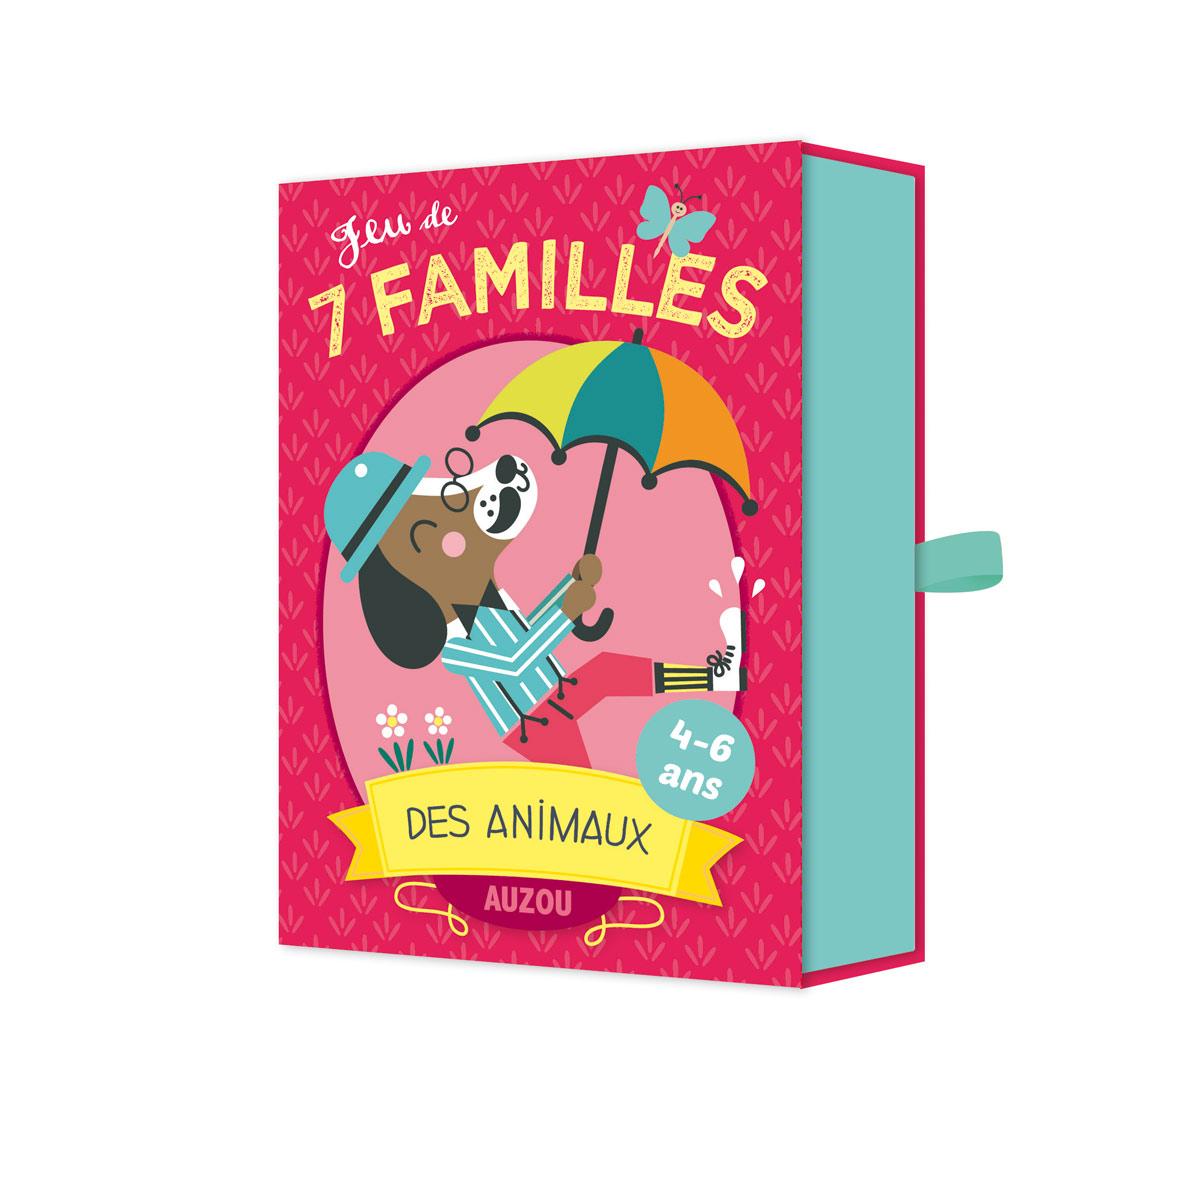 Jeu De 7 Familles Des Animaux serapportantà Jeux 6 7 Ans